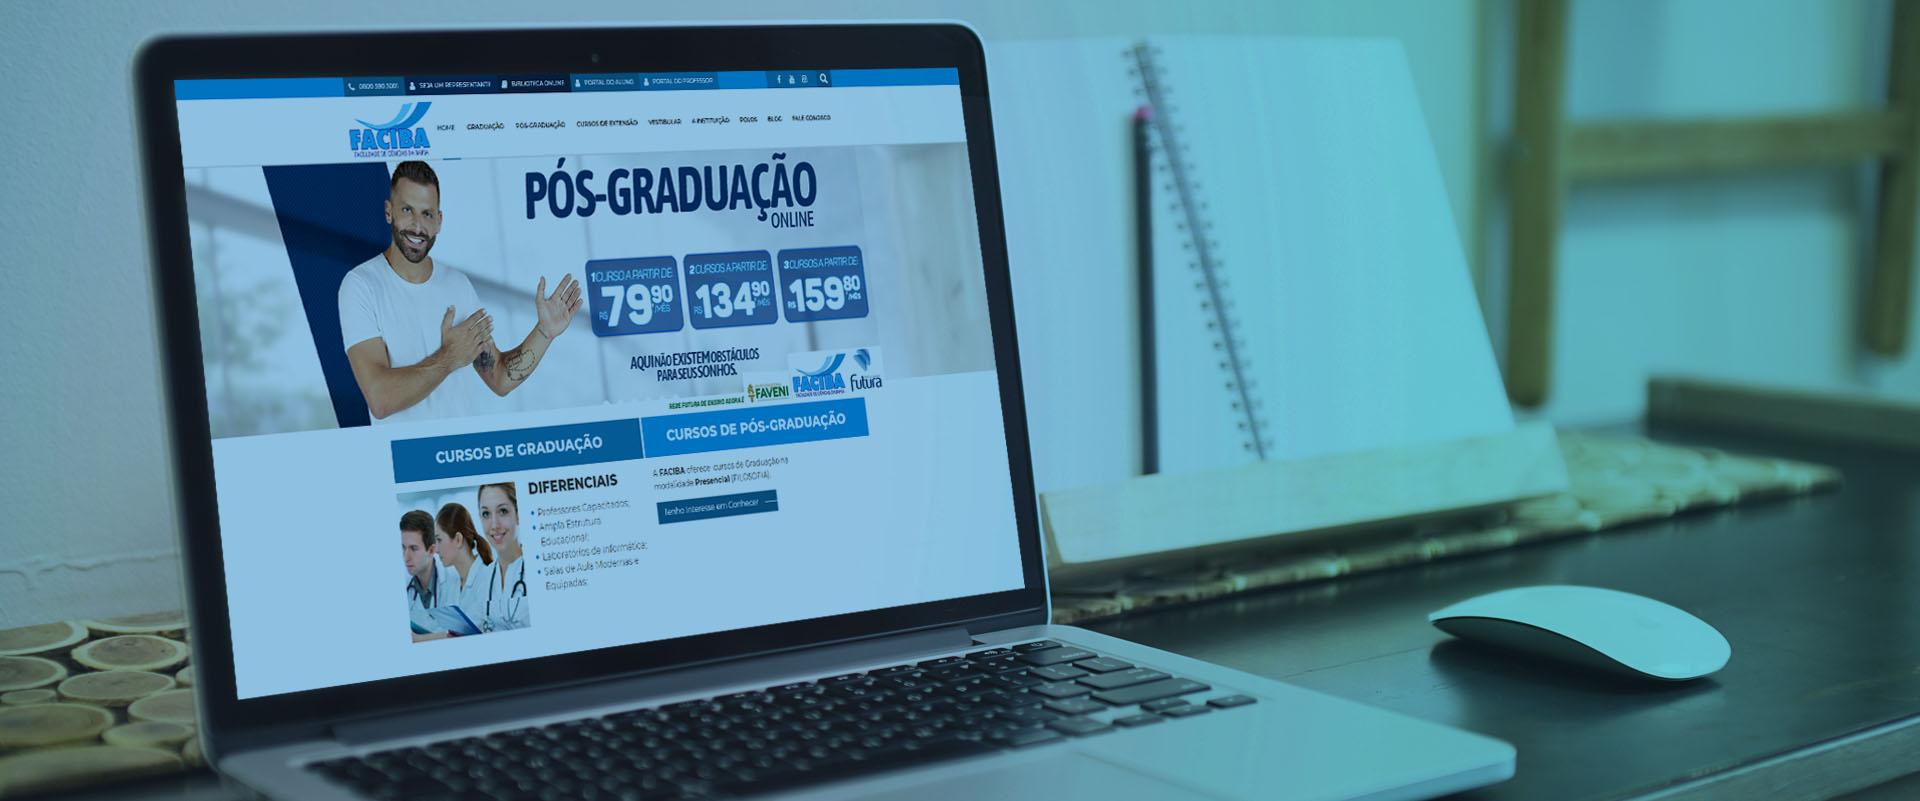 Criação de sites para faculdades